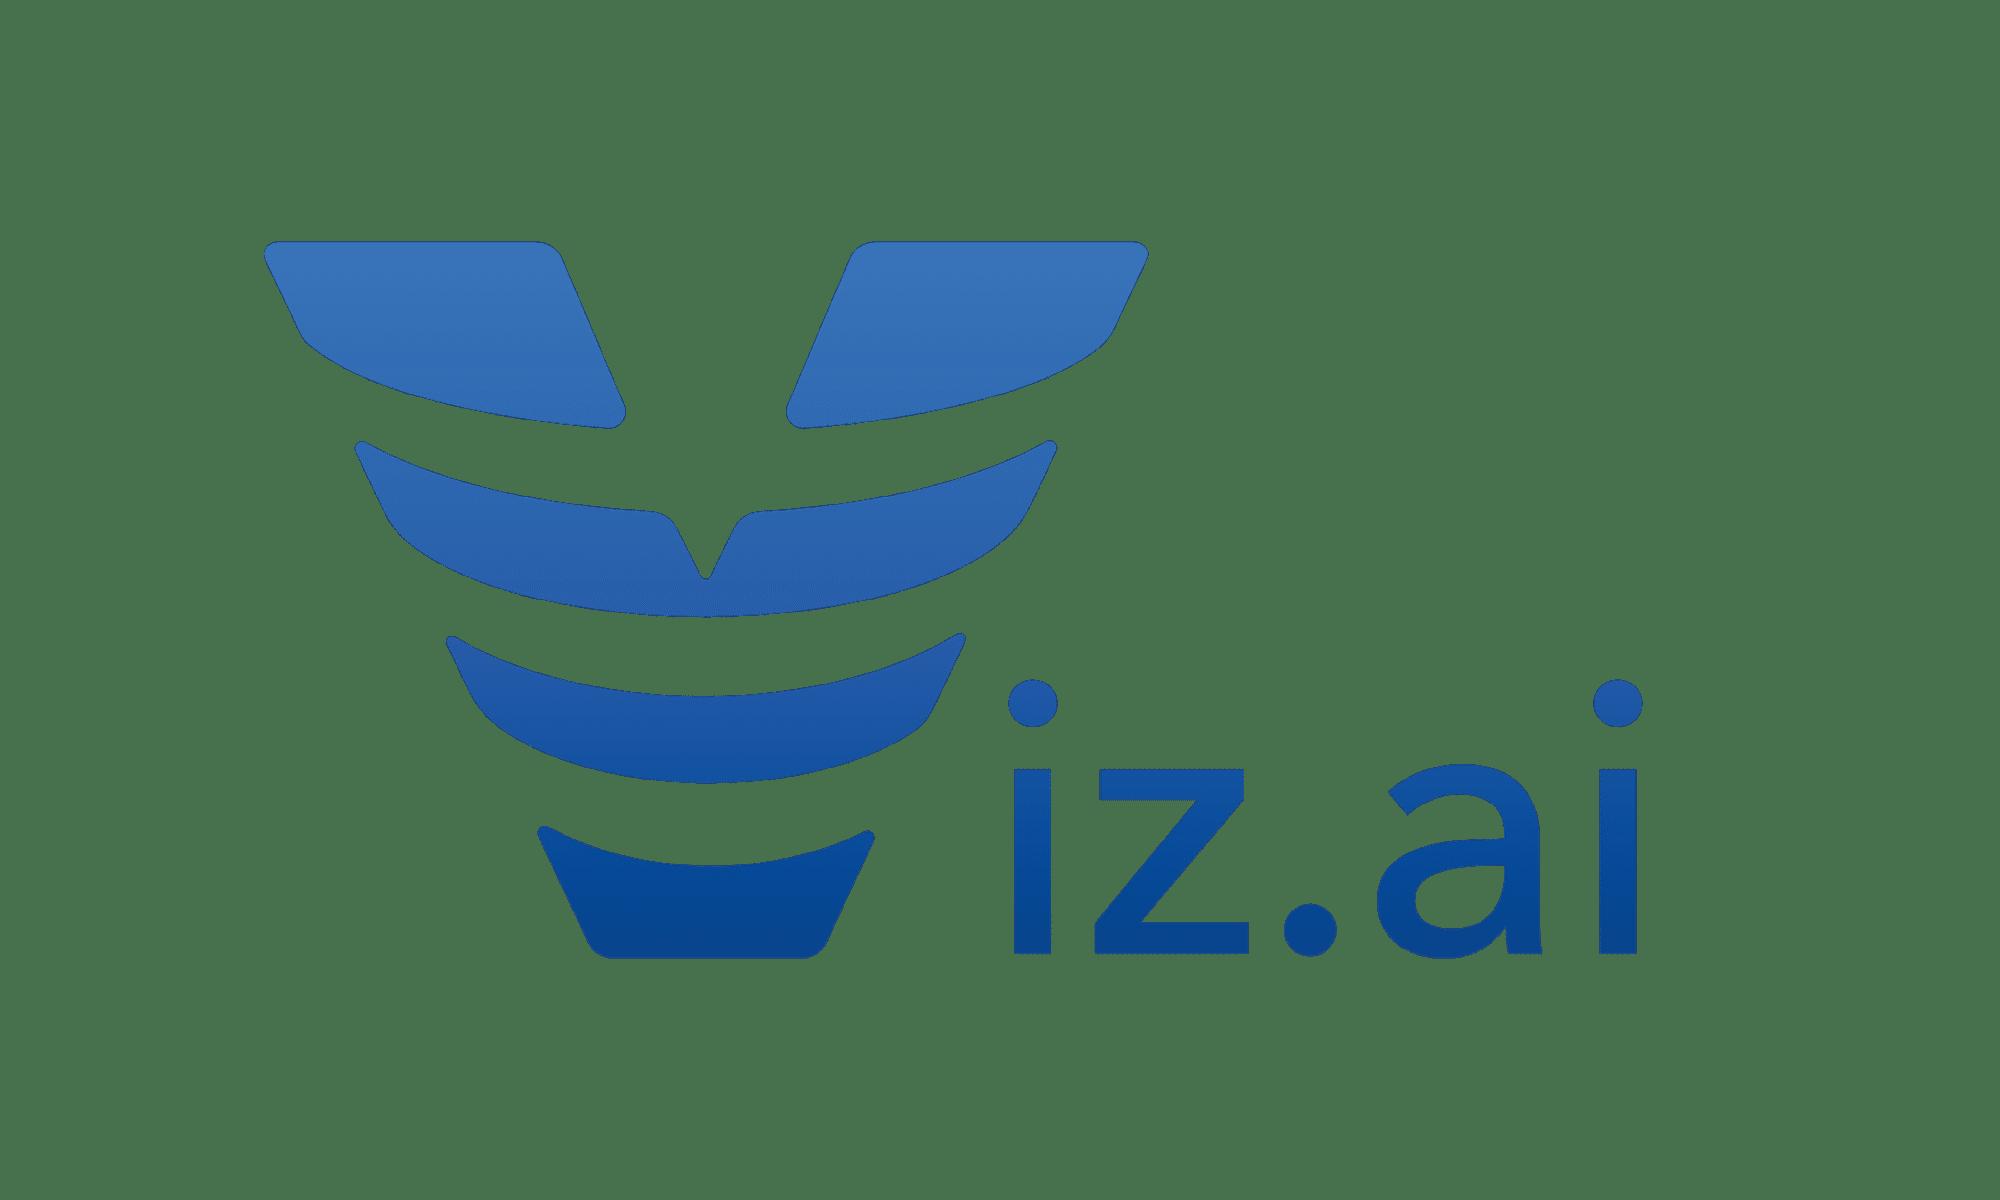 Logo Viz